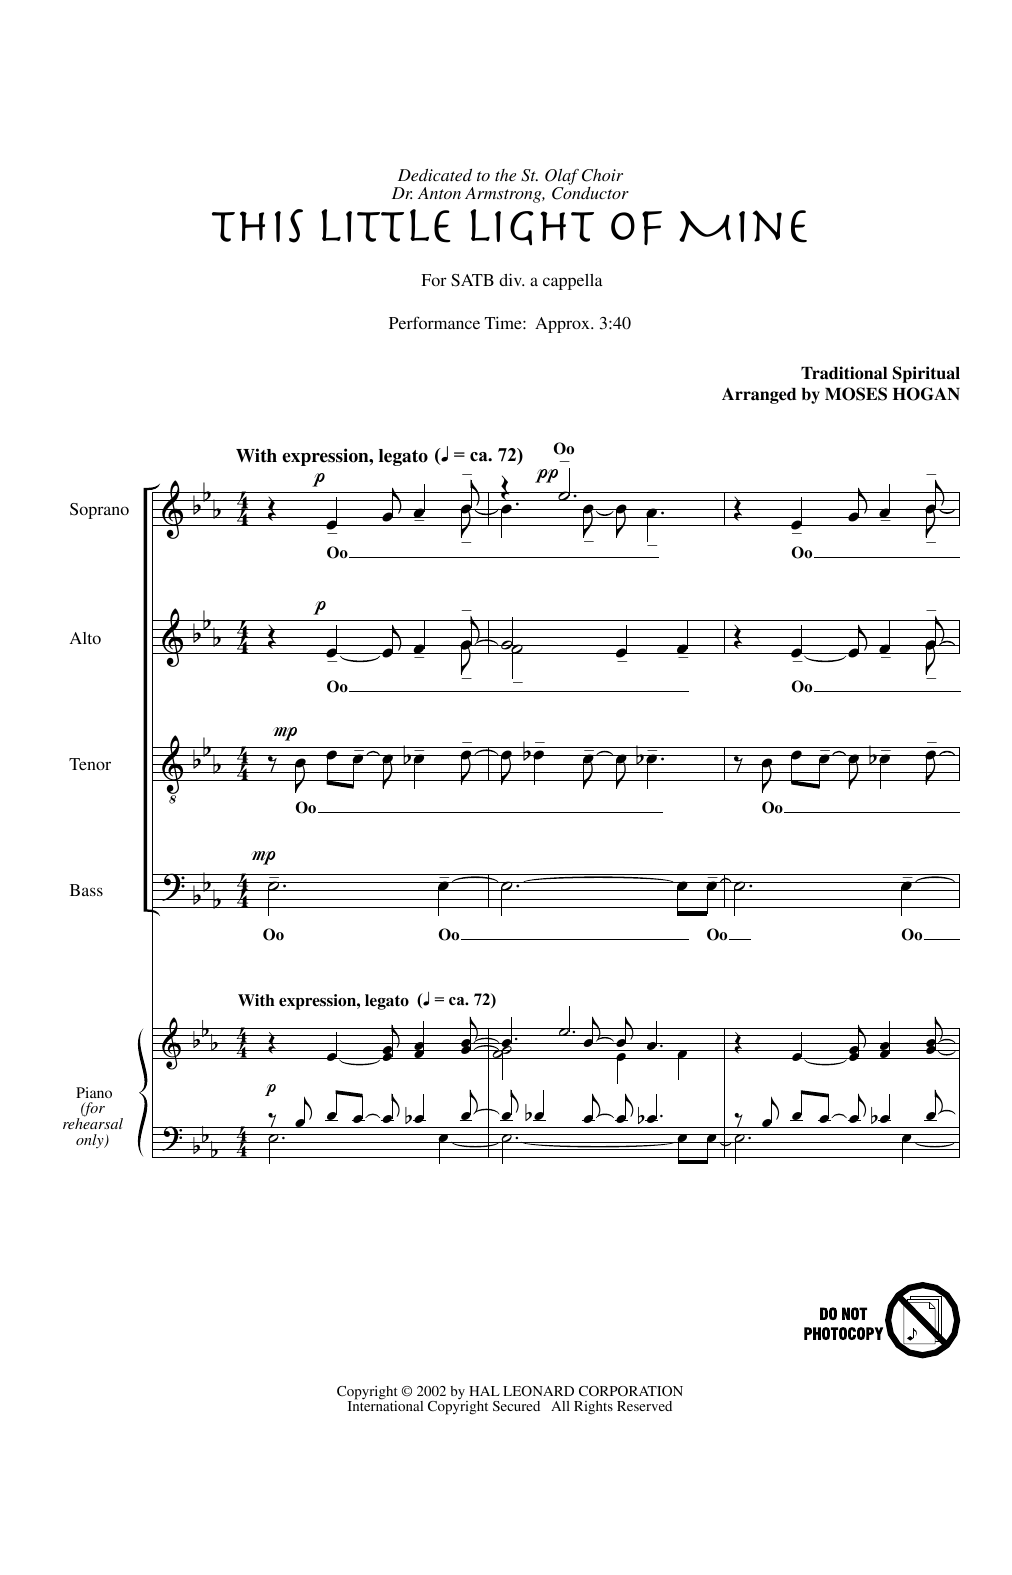 This Little Light Of Mine (arr. Moses Hogan) (SATB Choir)